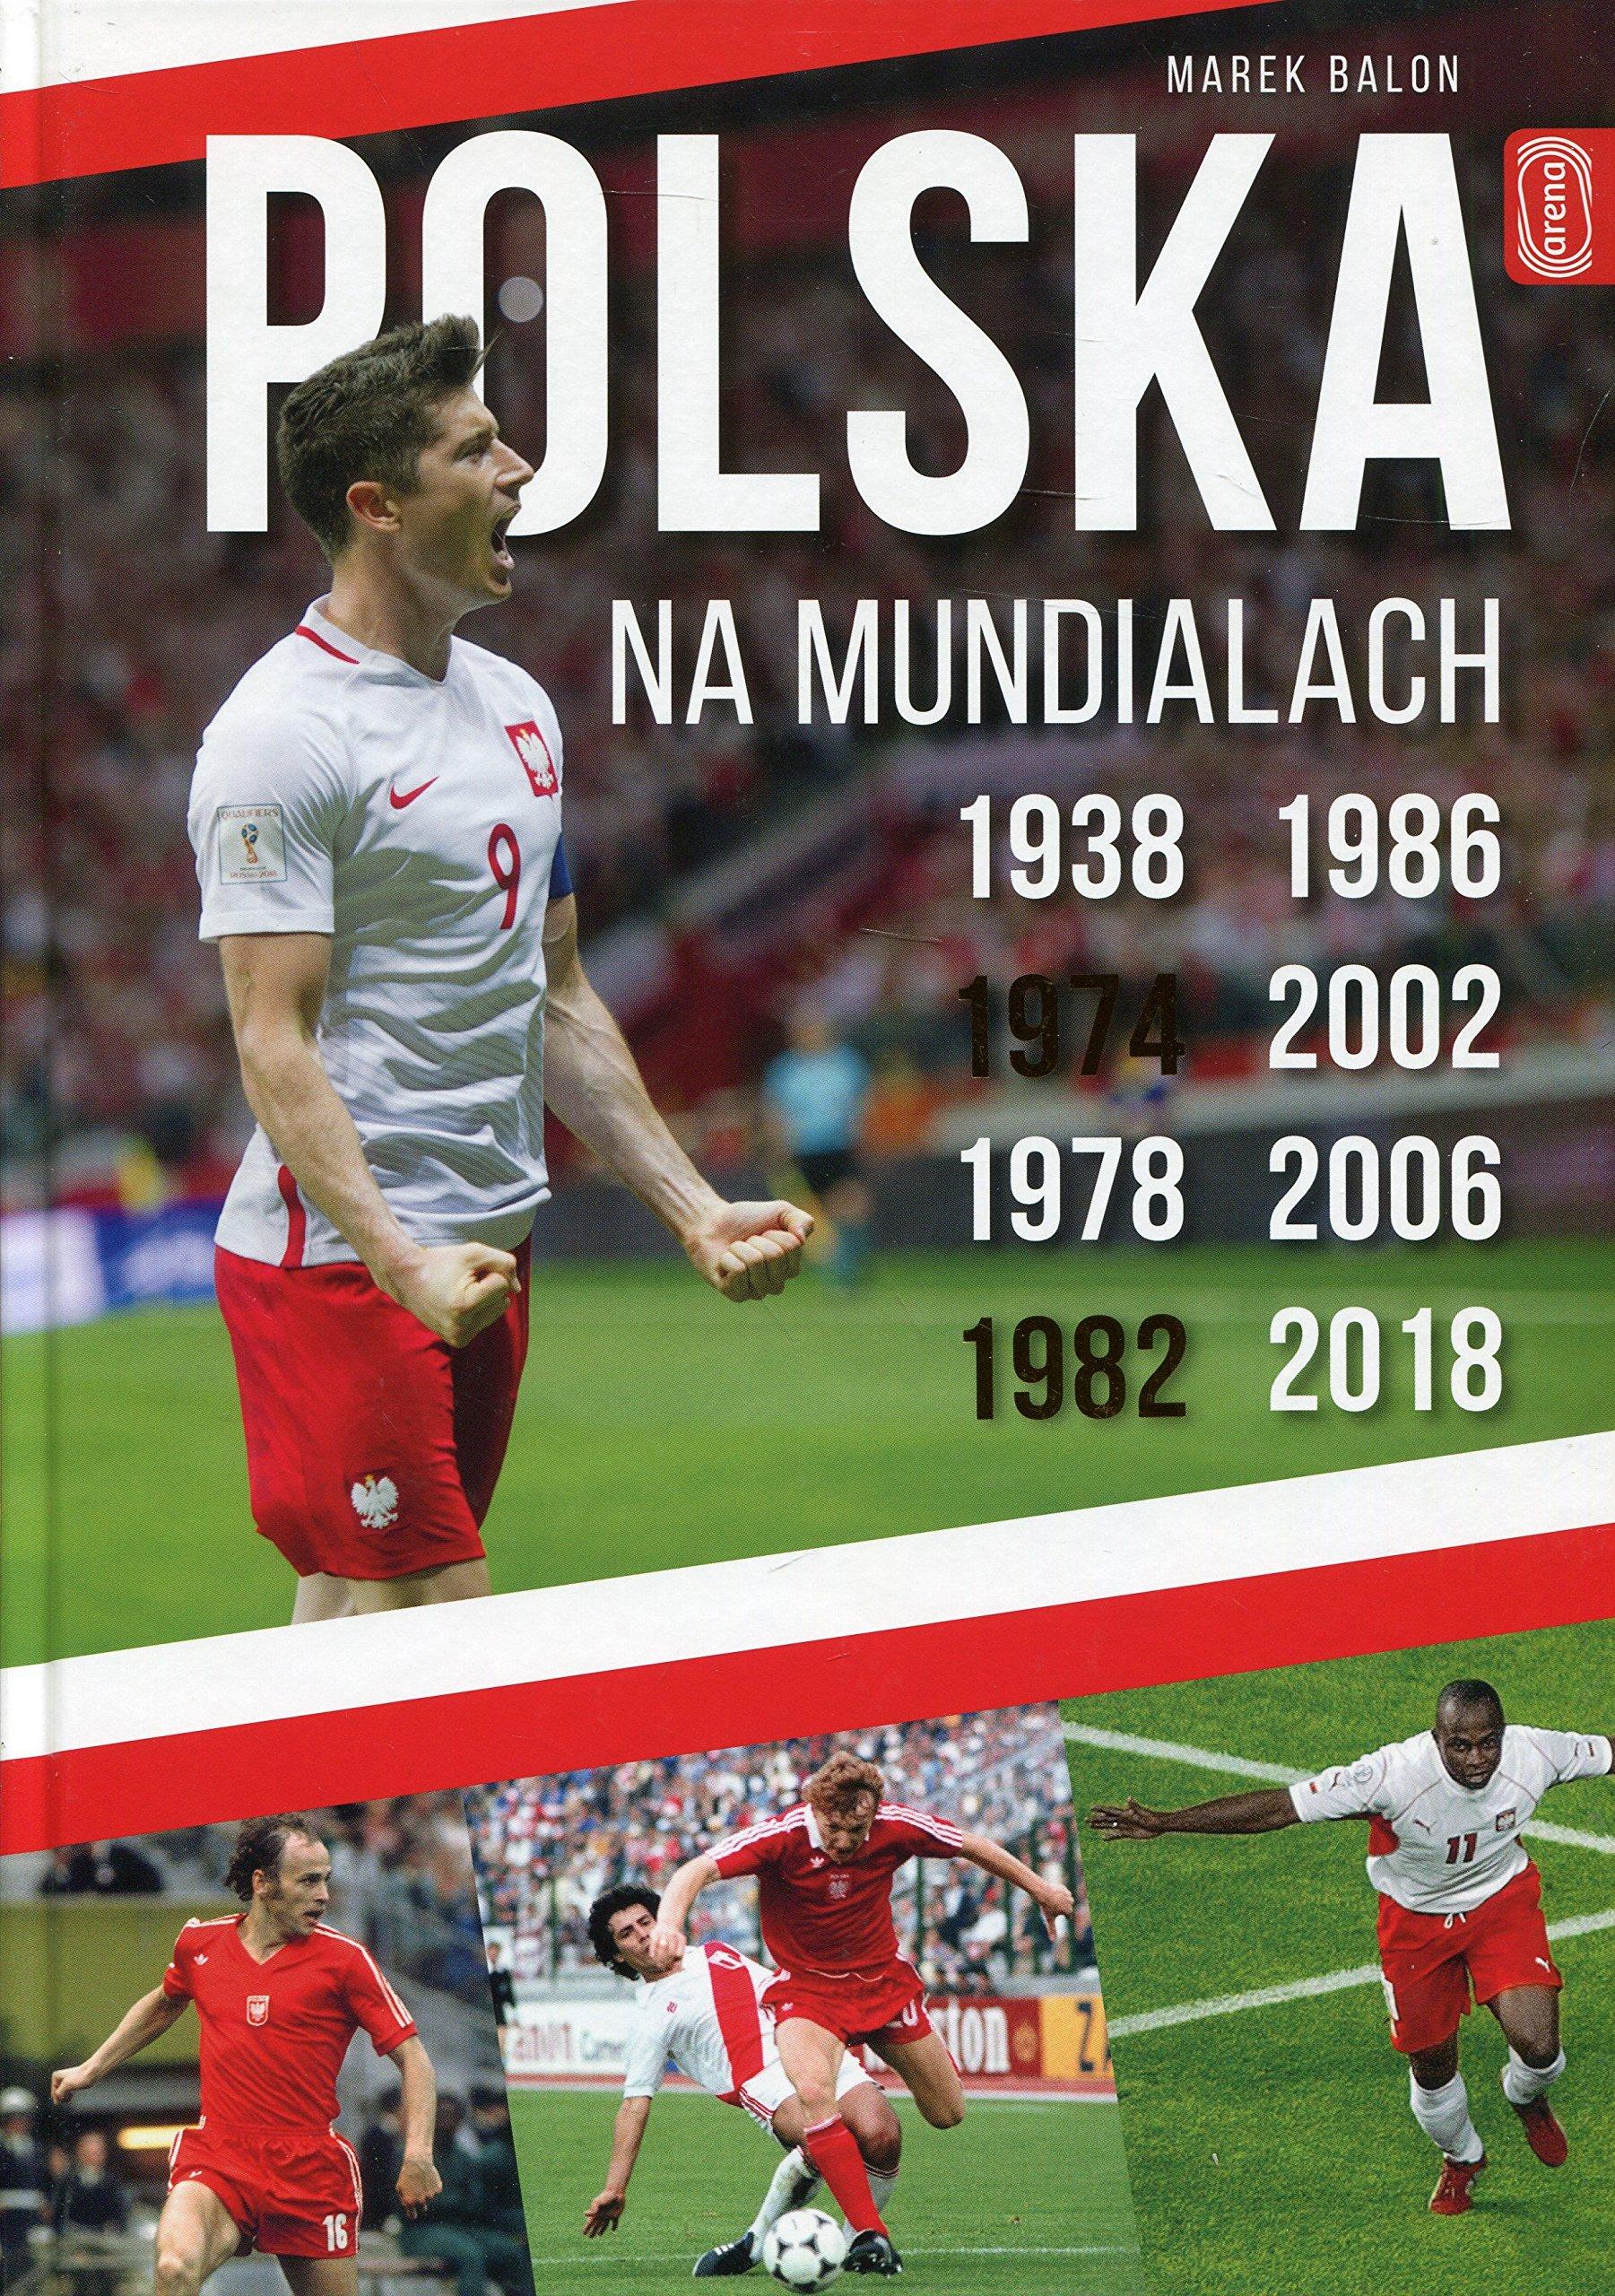 Polska na Mundialach: Amazon.es: Balon, Marek: Libros en idiomas ...